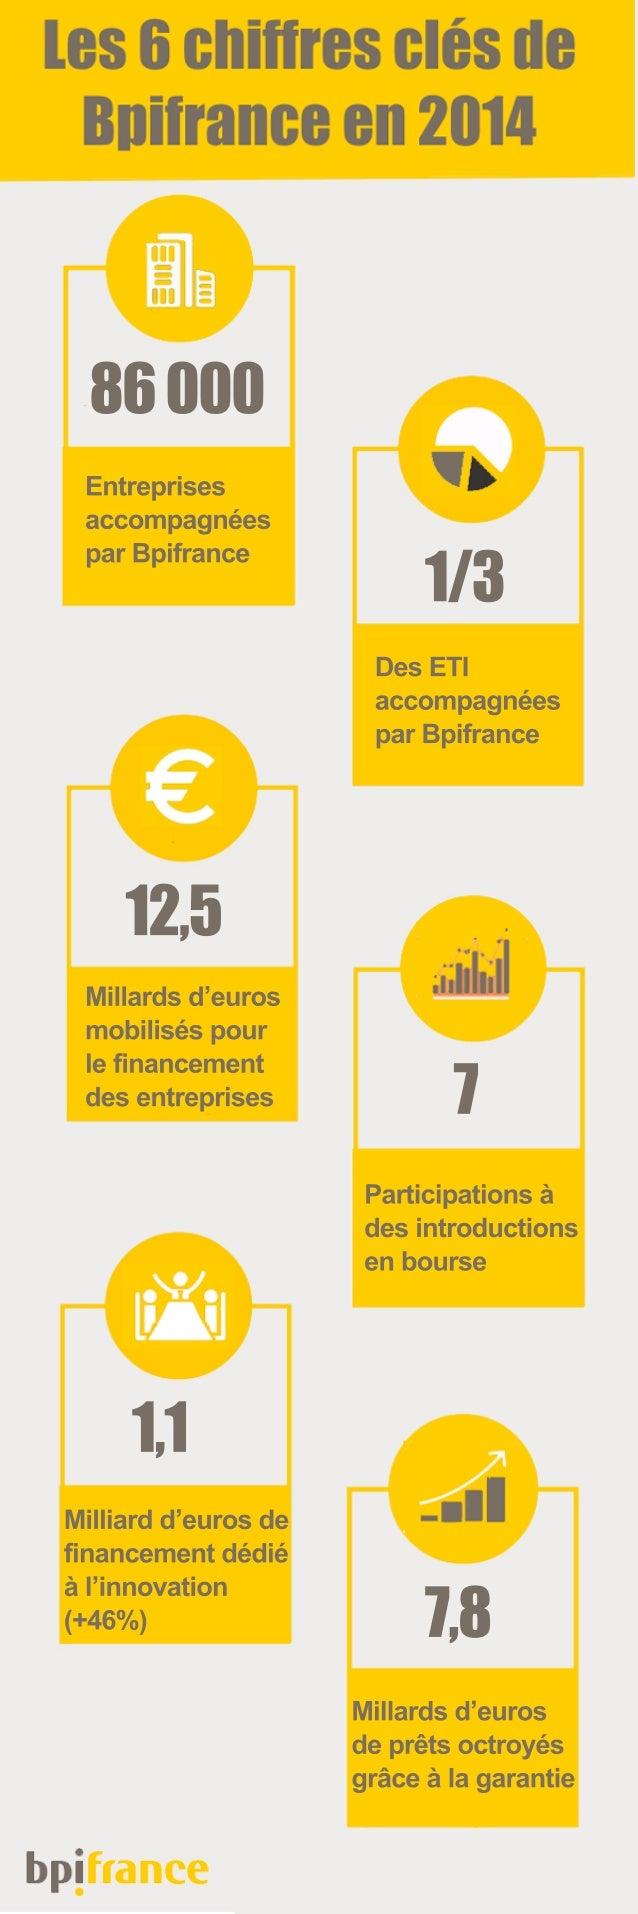 Millards d'euros de prêts octroyés grâce à la garantie Milliard d'euros de financement dédié à l'innovation (+46%) Partici...